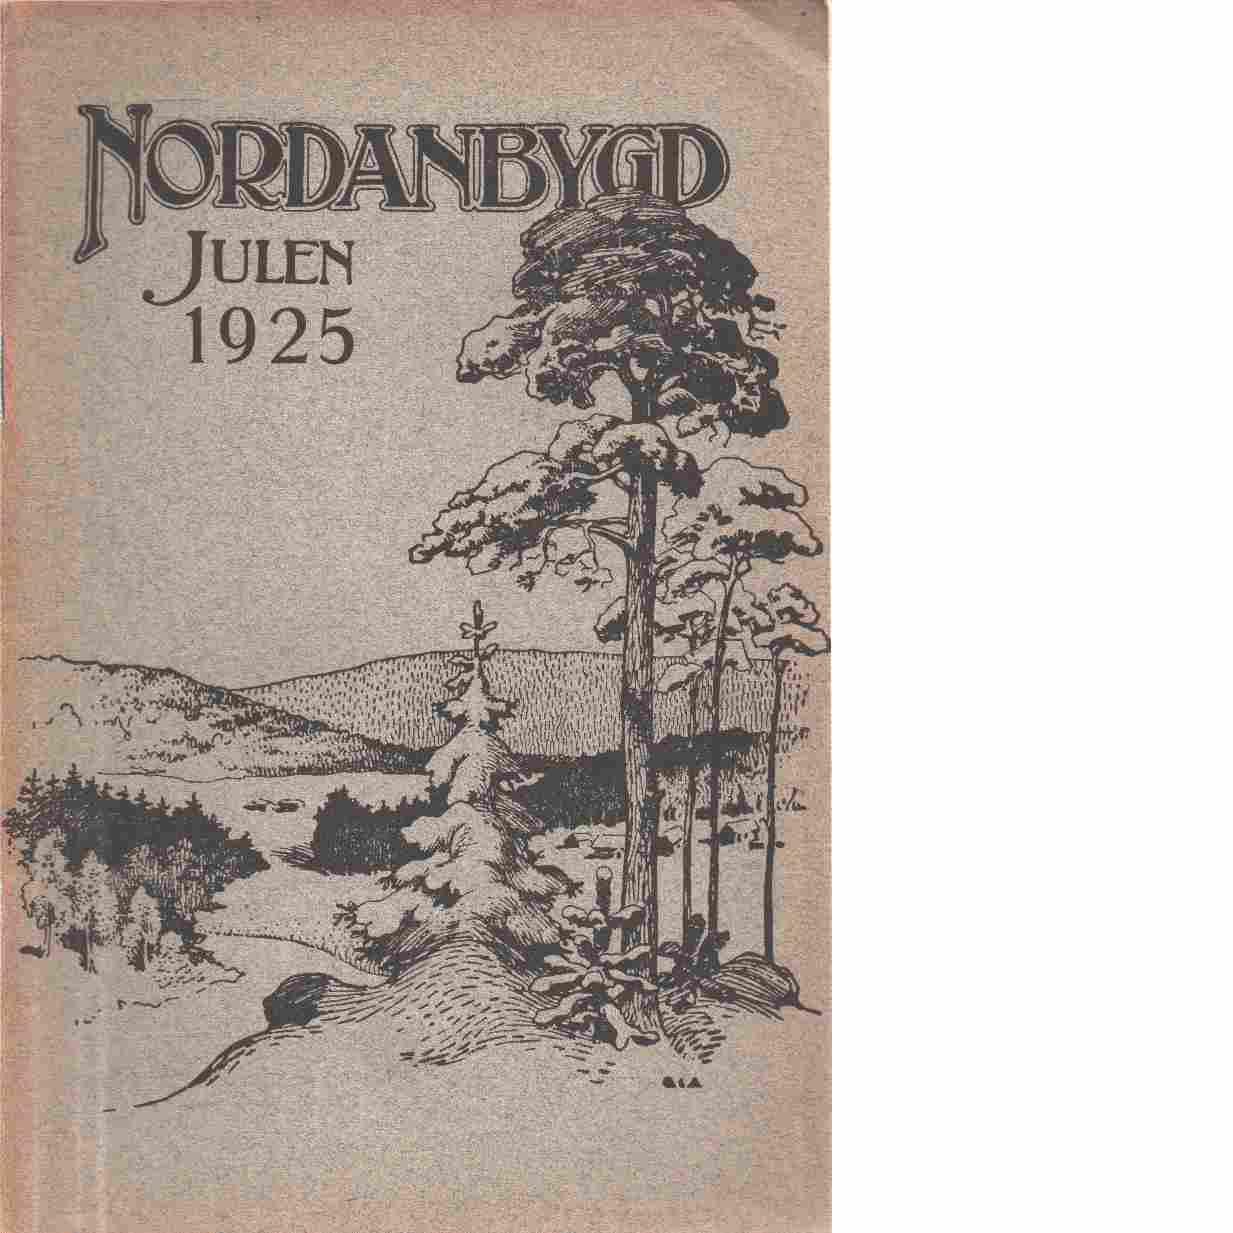 Nordanbygd : Julen 1925 Nr: 2  utgifven af Folkhögskolans i Boden elevförbund - Red.